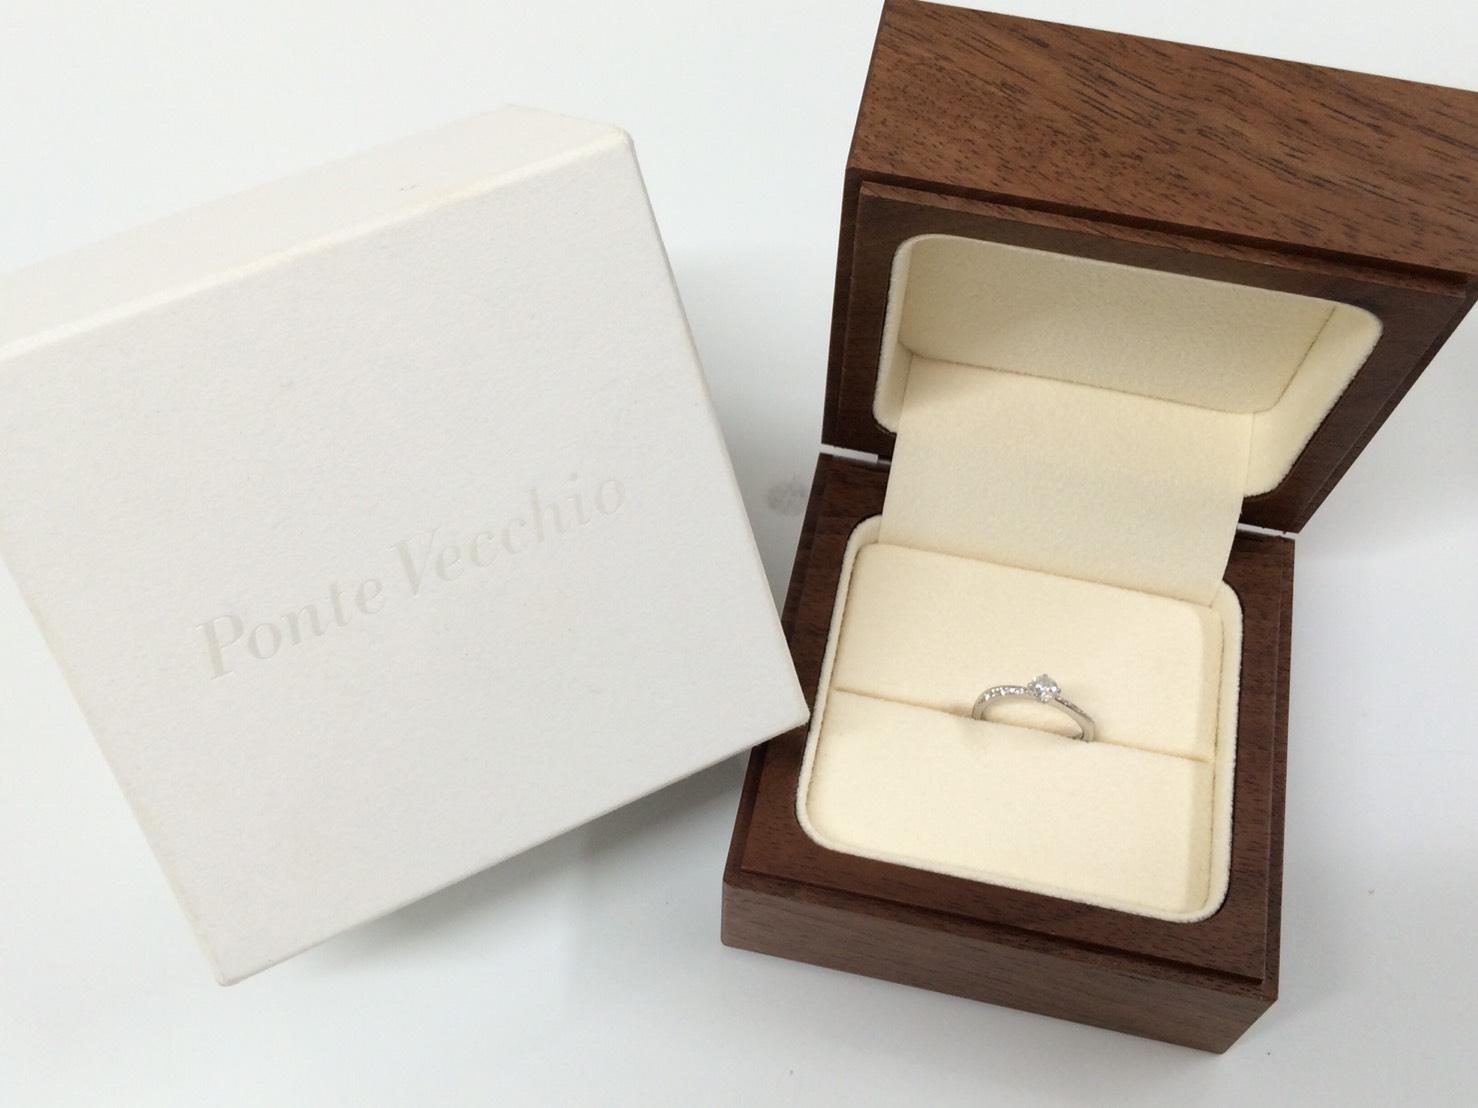 ポンテヴェキオ買取 ダイヤモンドリング メレダイヤモンド プラチナ ブランドジュエリー